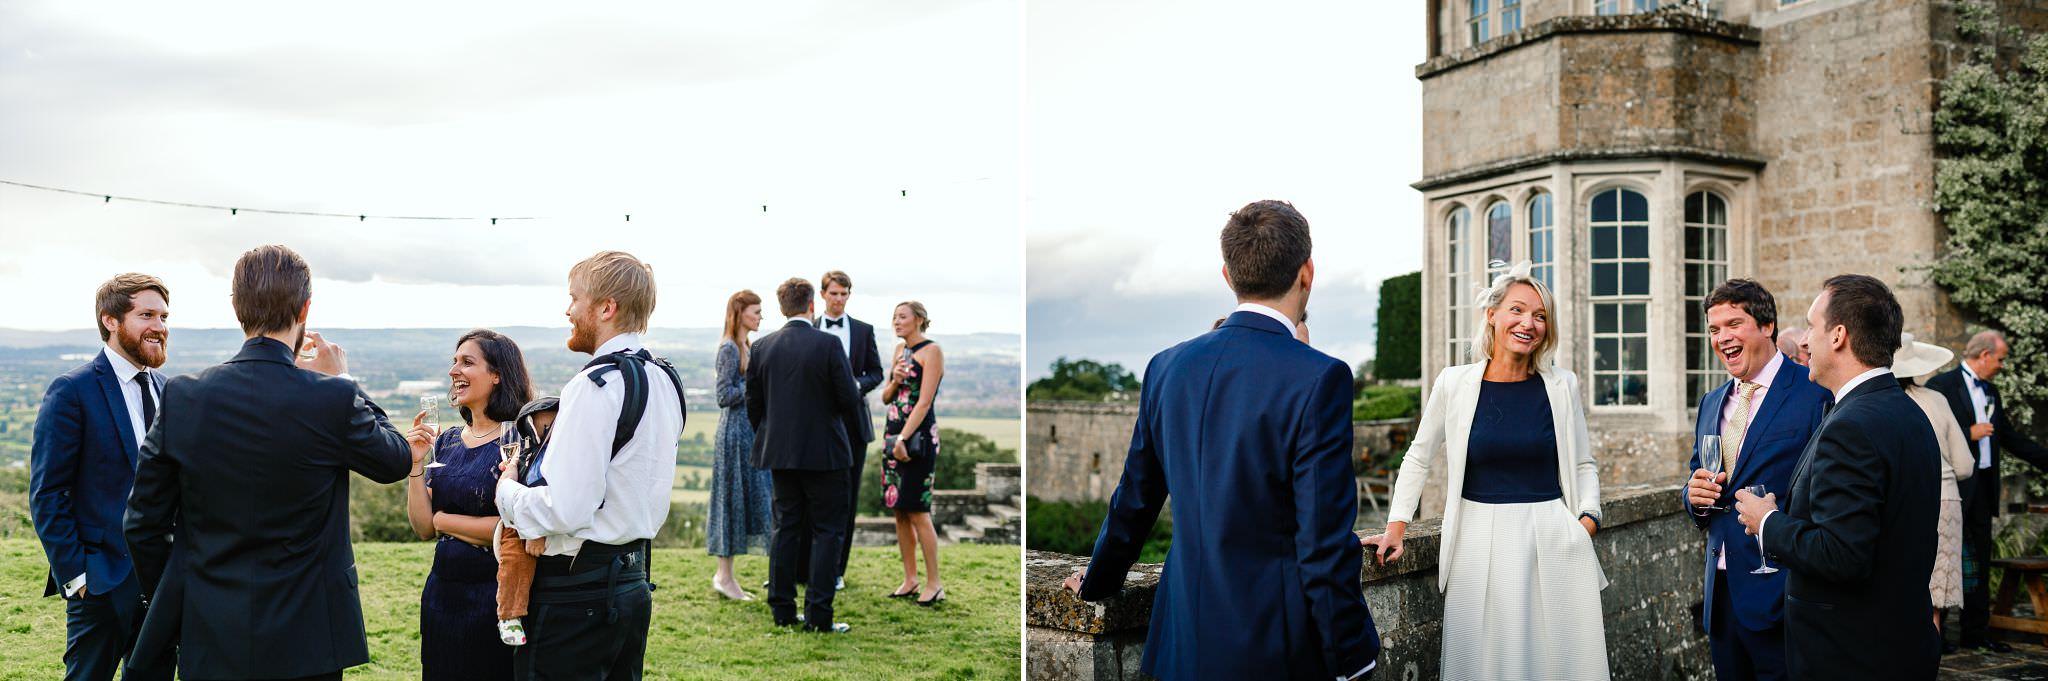 hilles house wedding photos